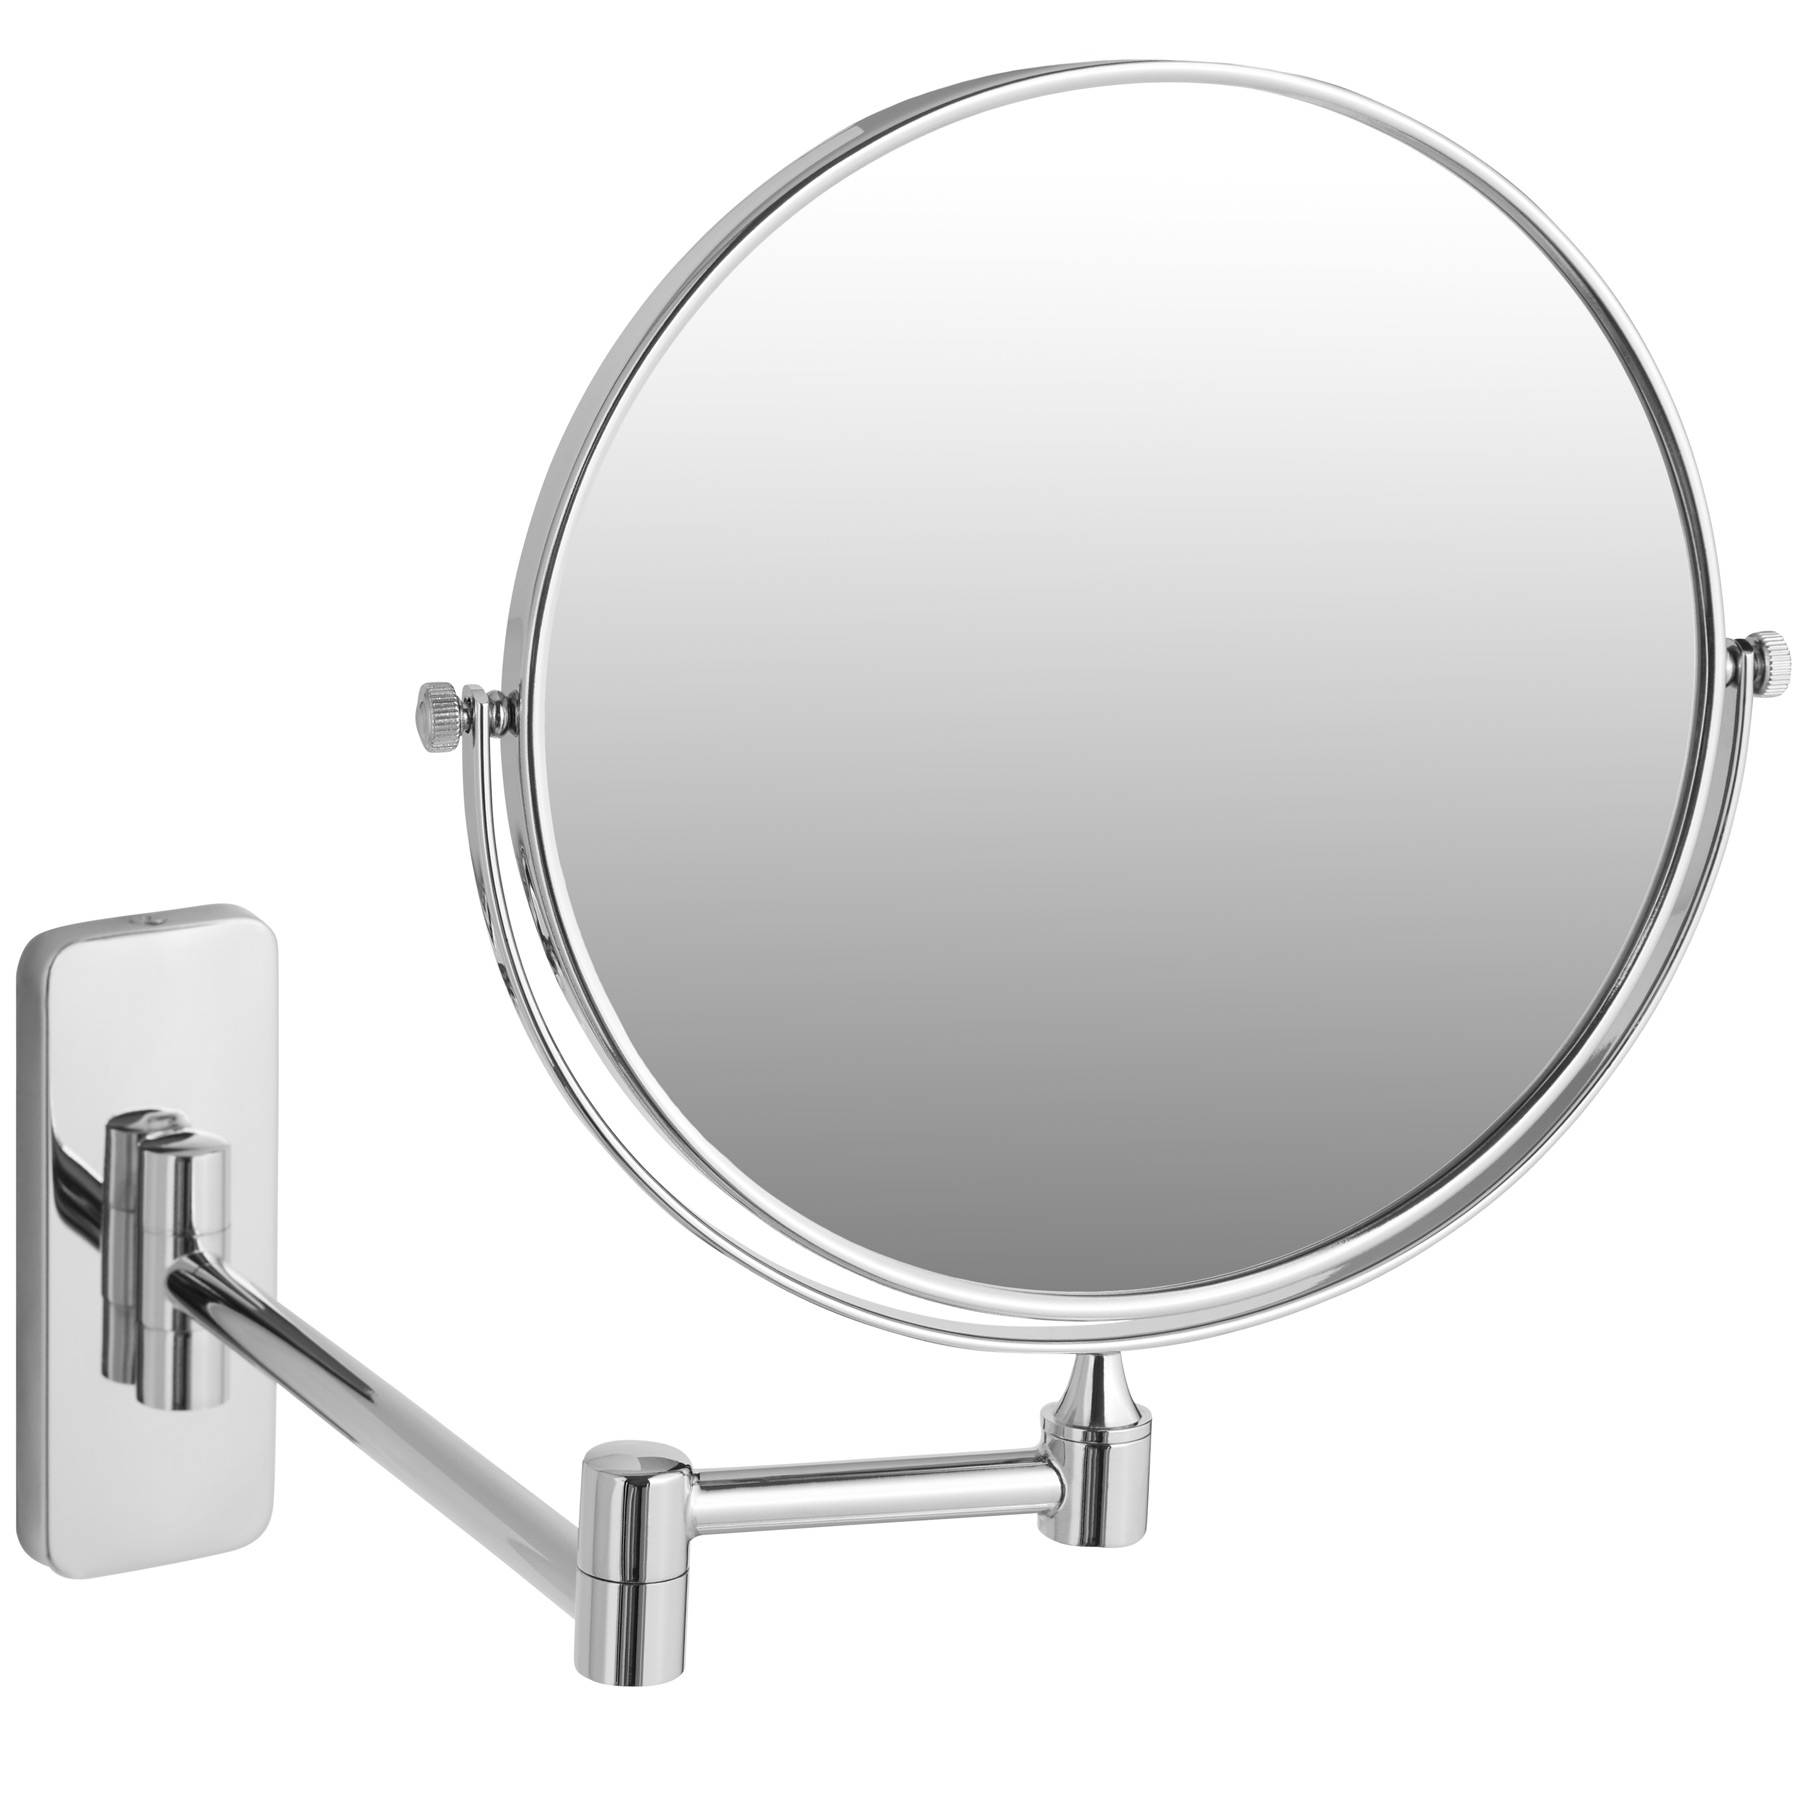 tectake Specchio cosmetico - ingrandimento 10 x